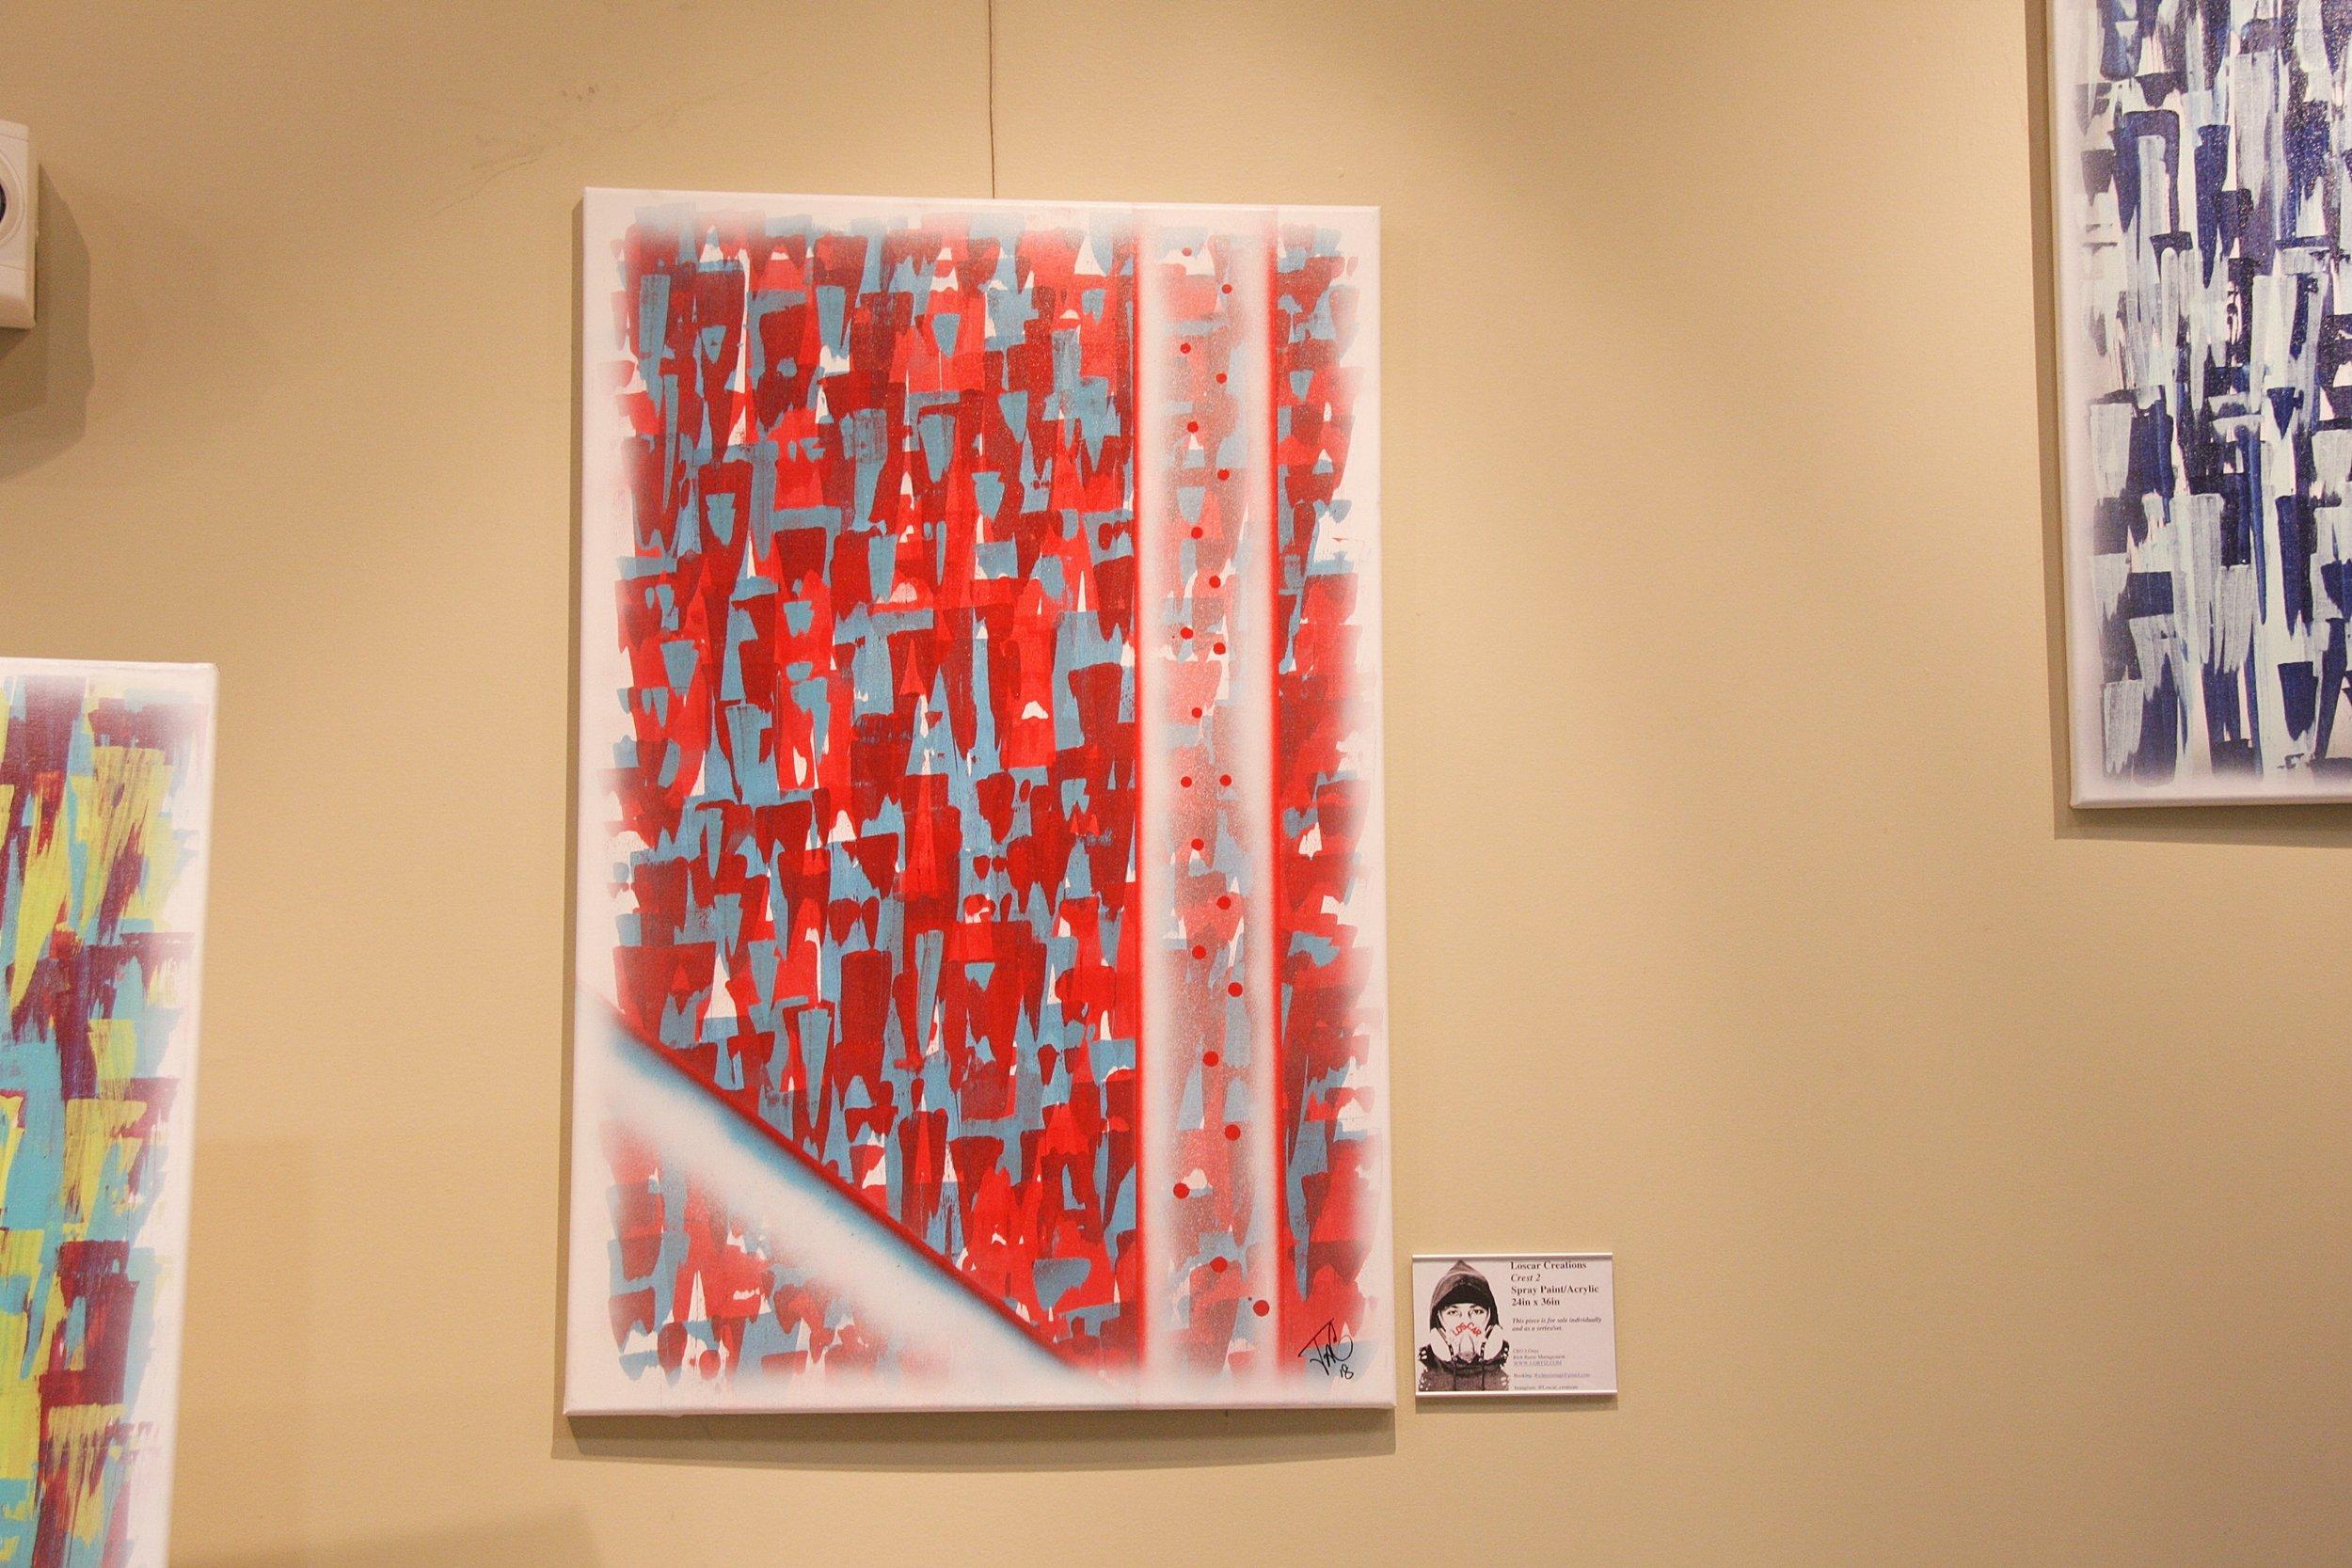 Loscar Creations art in situ 4 (1).jpg